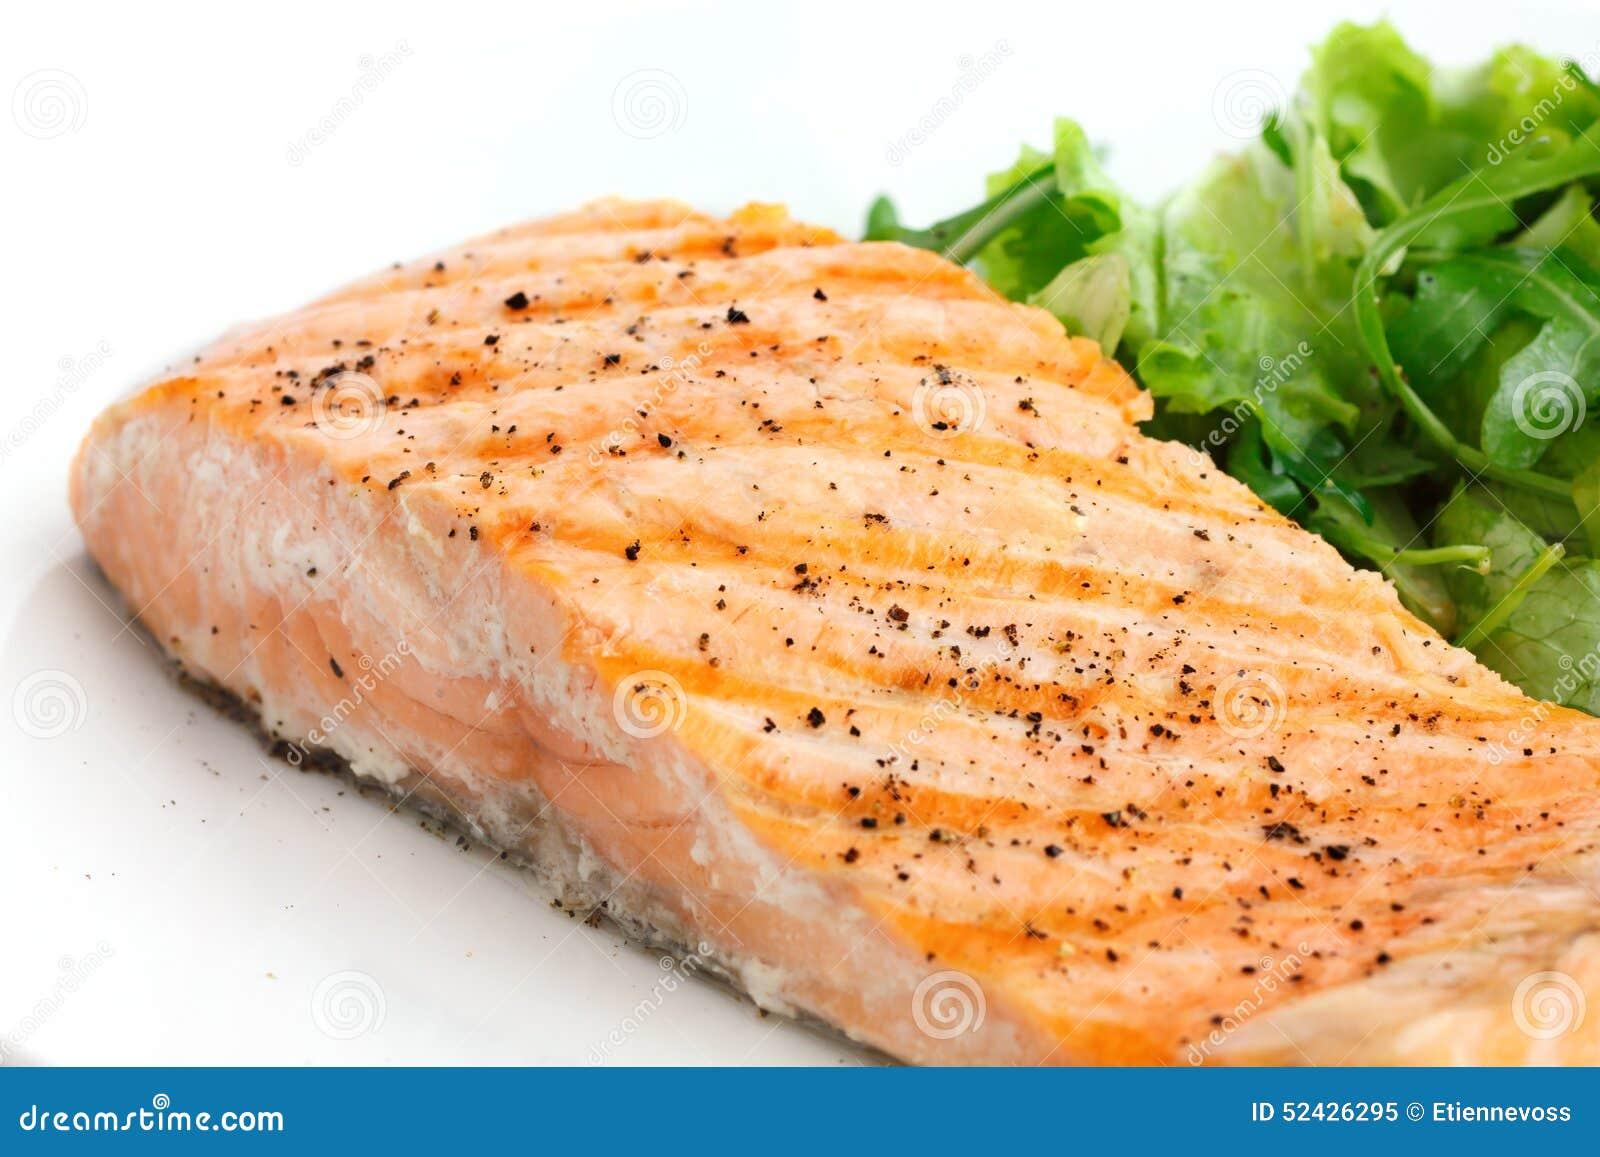 Raccordo Arrostito Del Salmone Sul Piatto Con Insalata